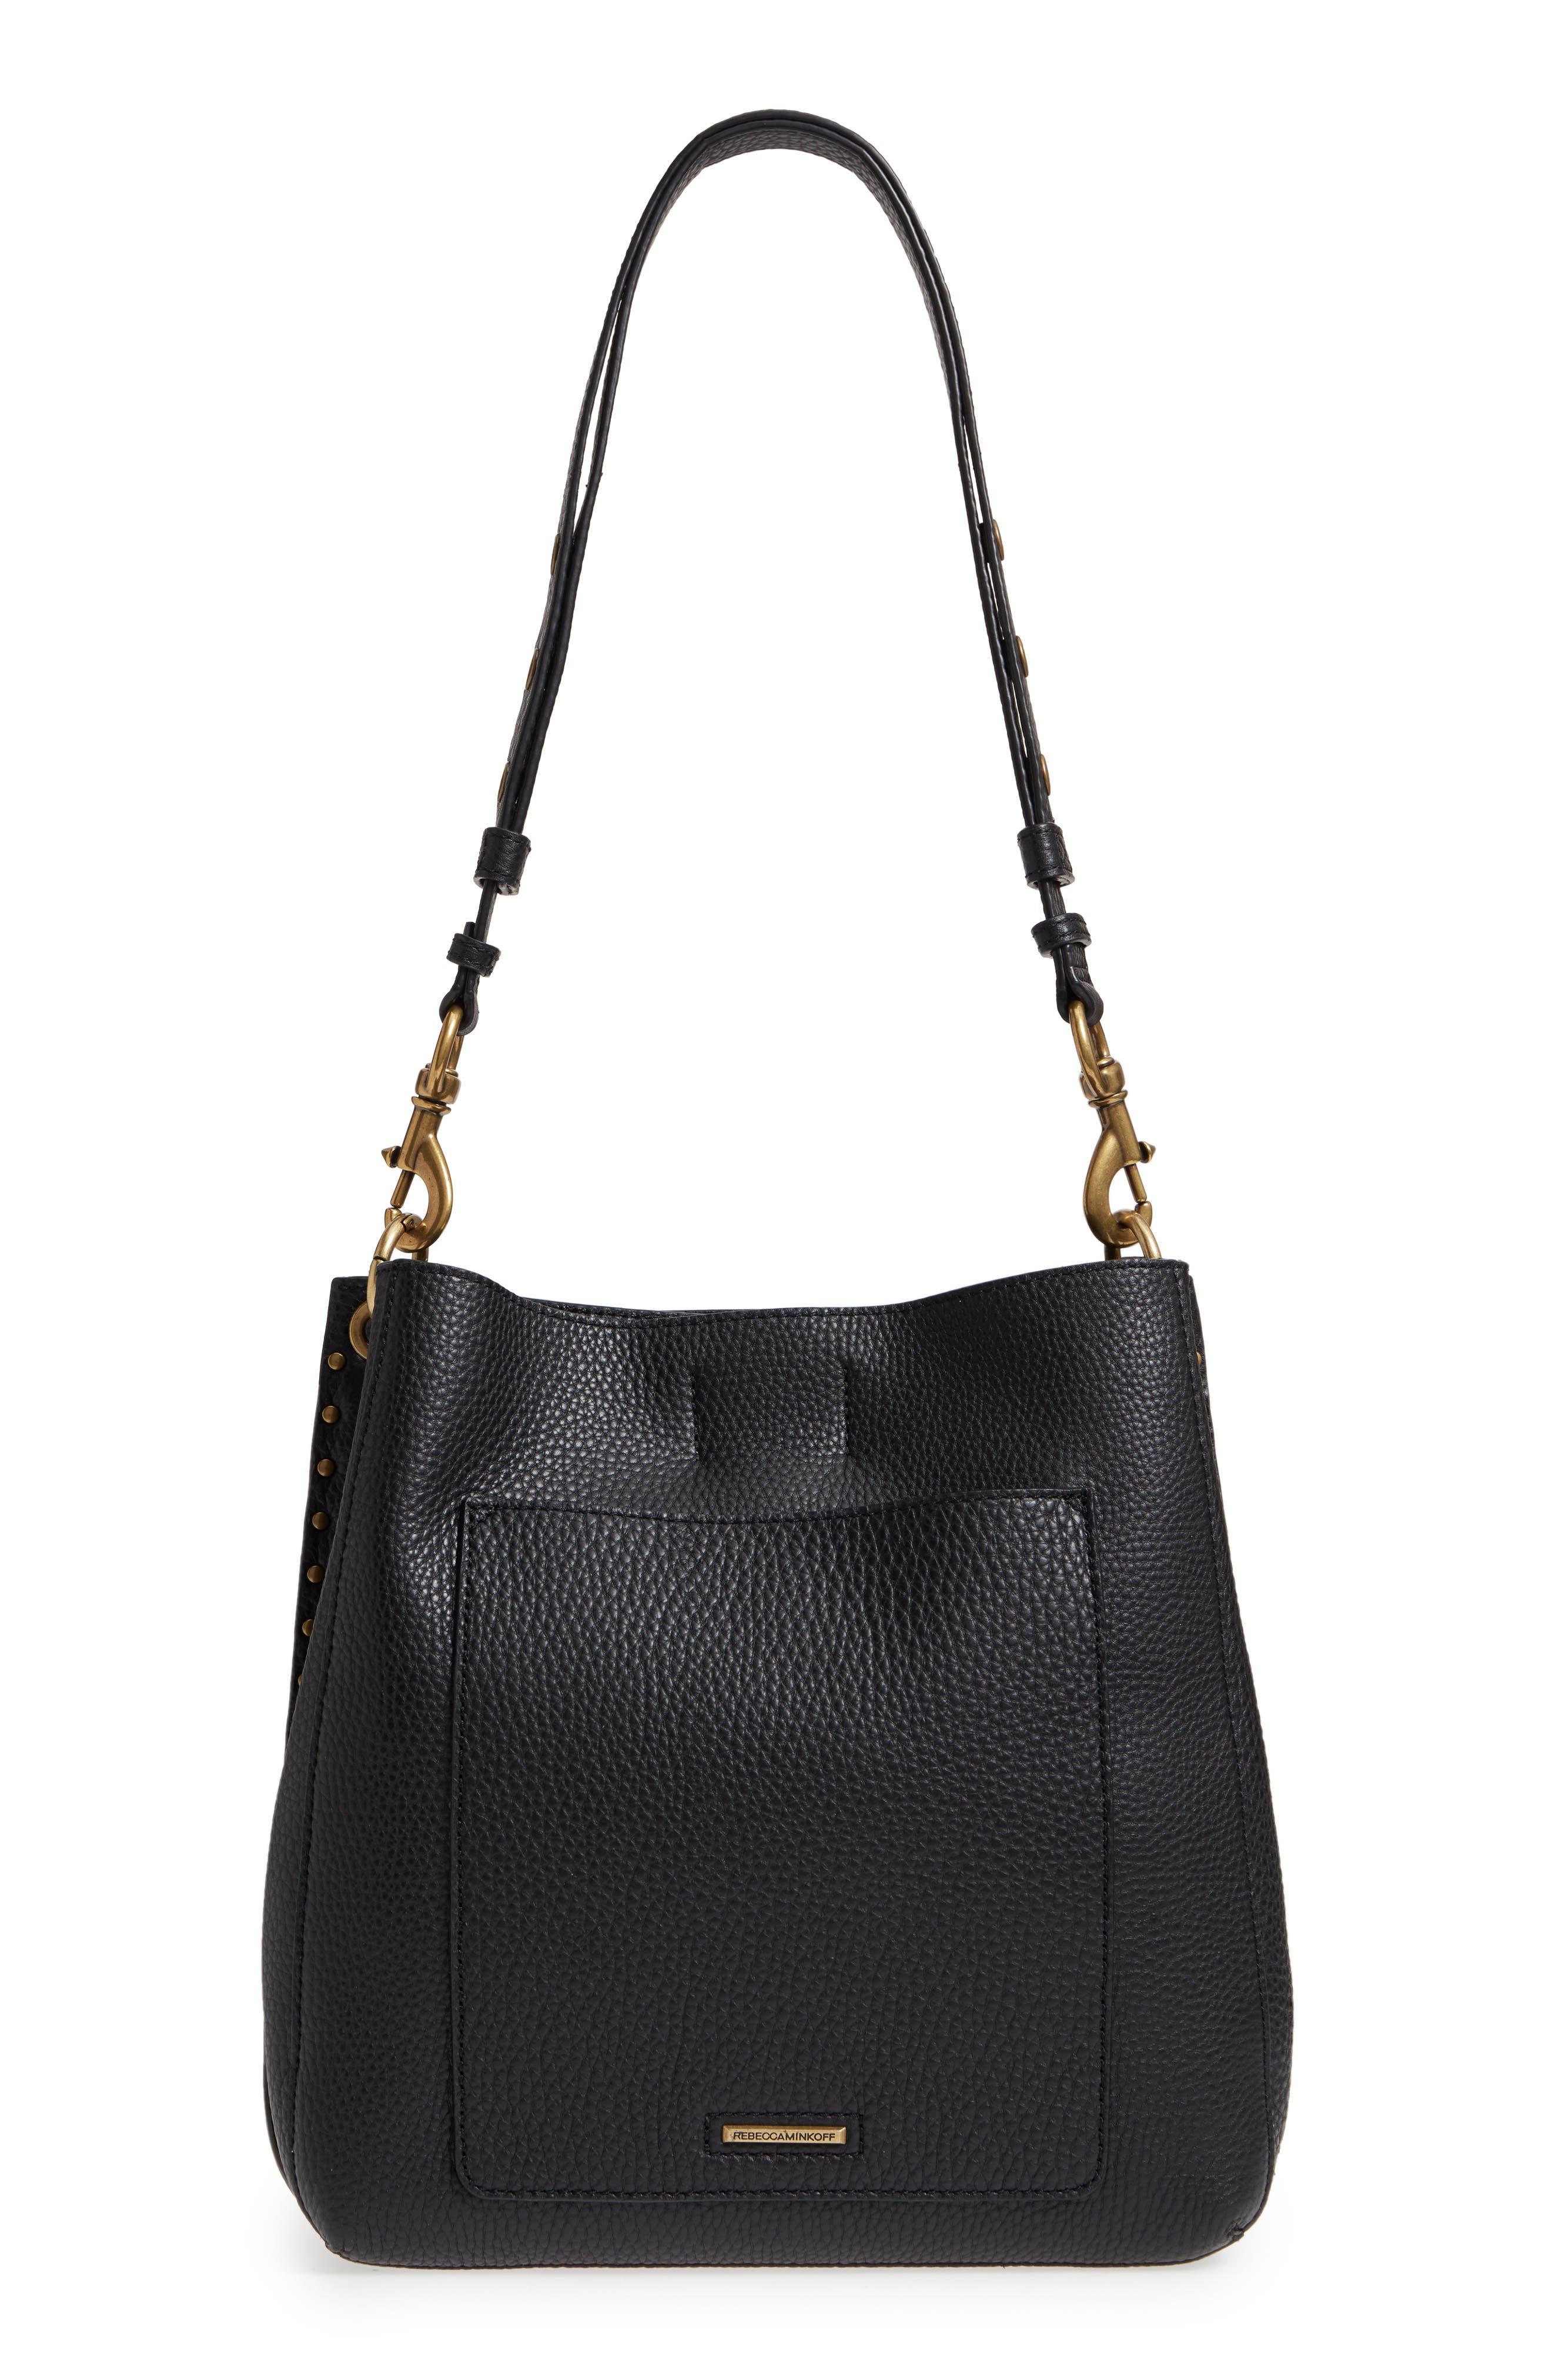 REBECCA MINKOFF, Darren Deerskin Leather Shoulder Bag, Alternate thumbnail 4, color, BLACK